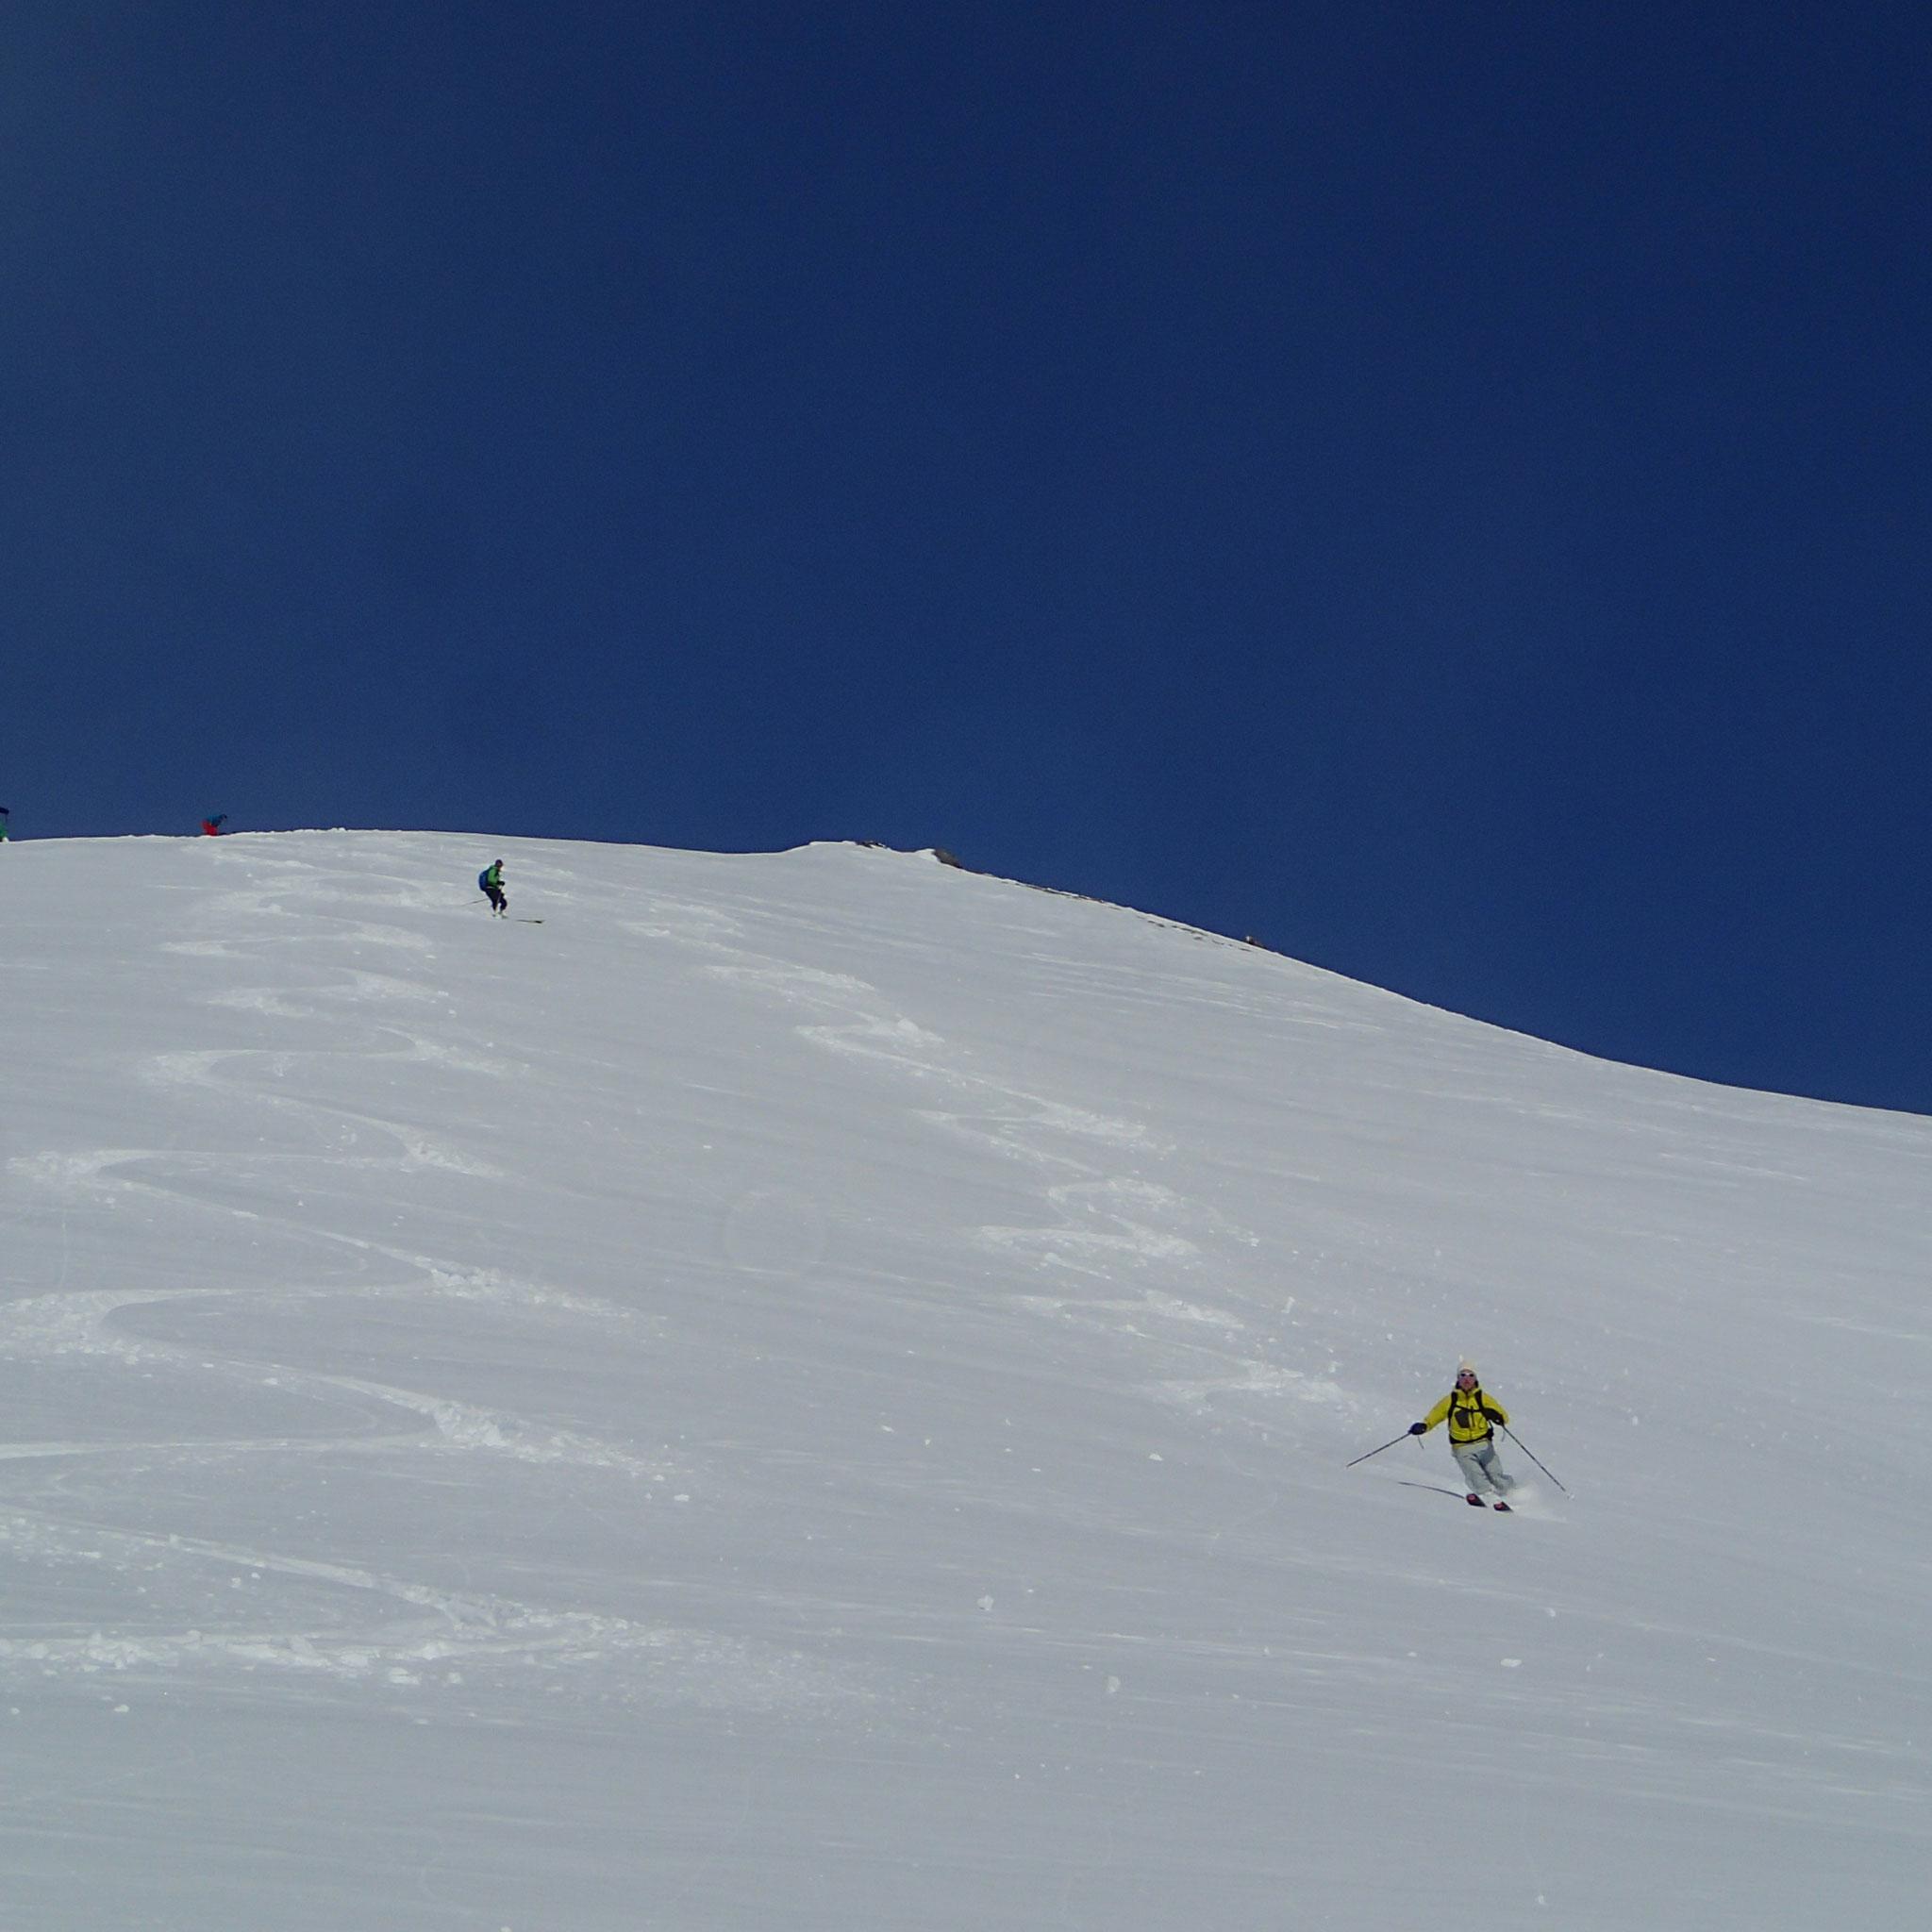 Une pente magnifique à skier !